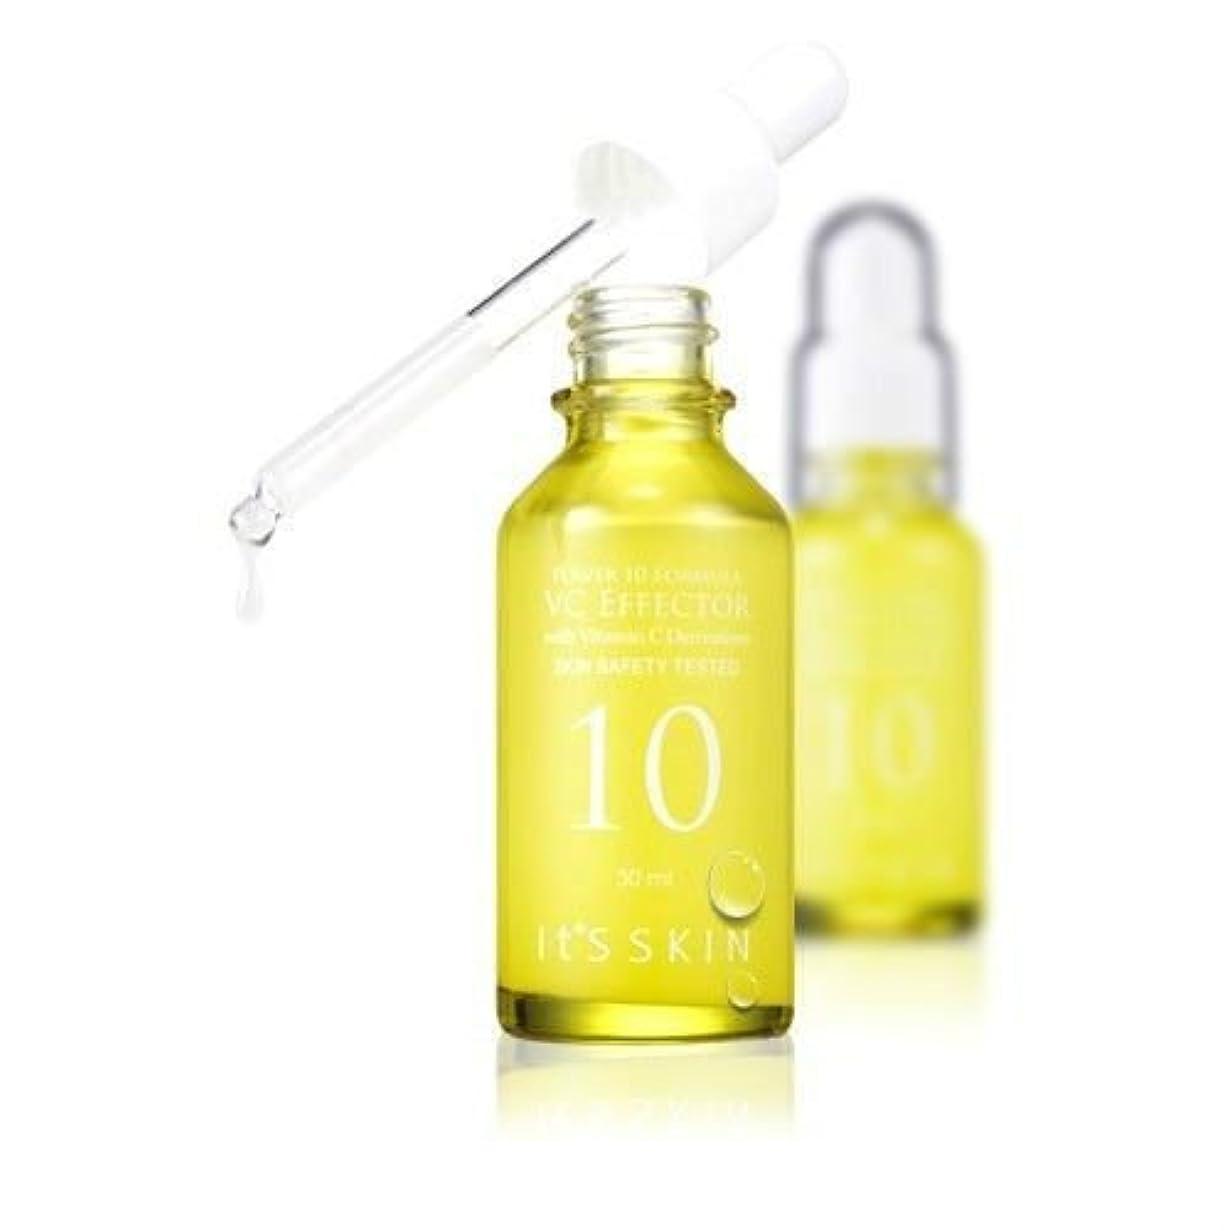 同等の件名油It's skin イッツスキン パワー 10 フォーミュラ VC エフェクター 30ml [並行輸入品]